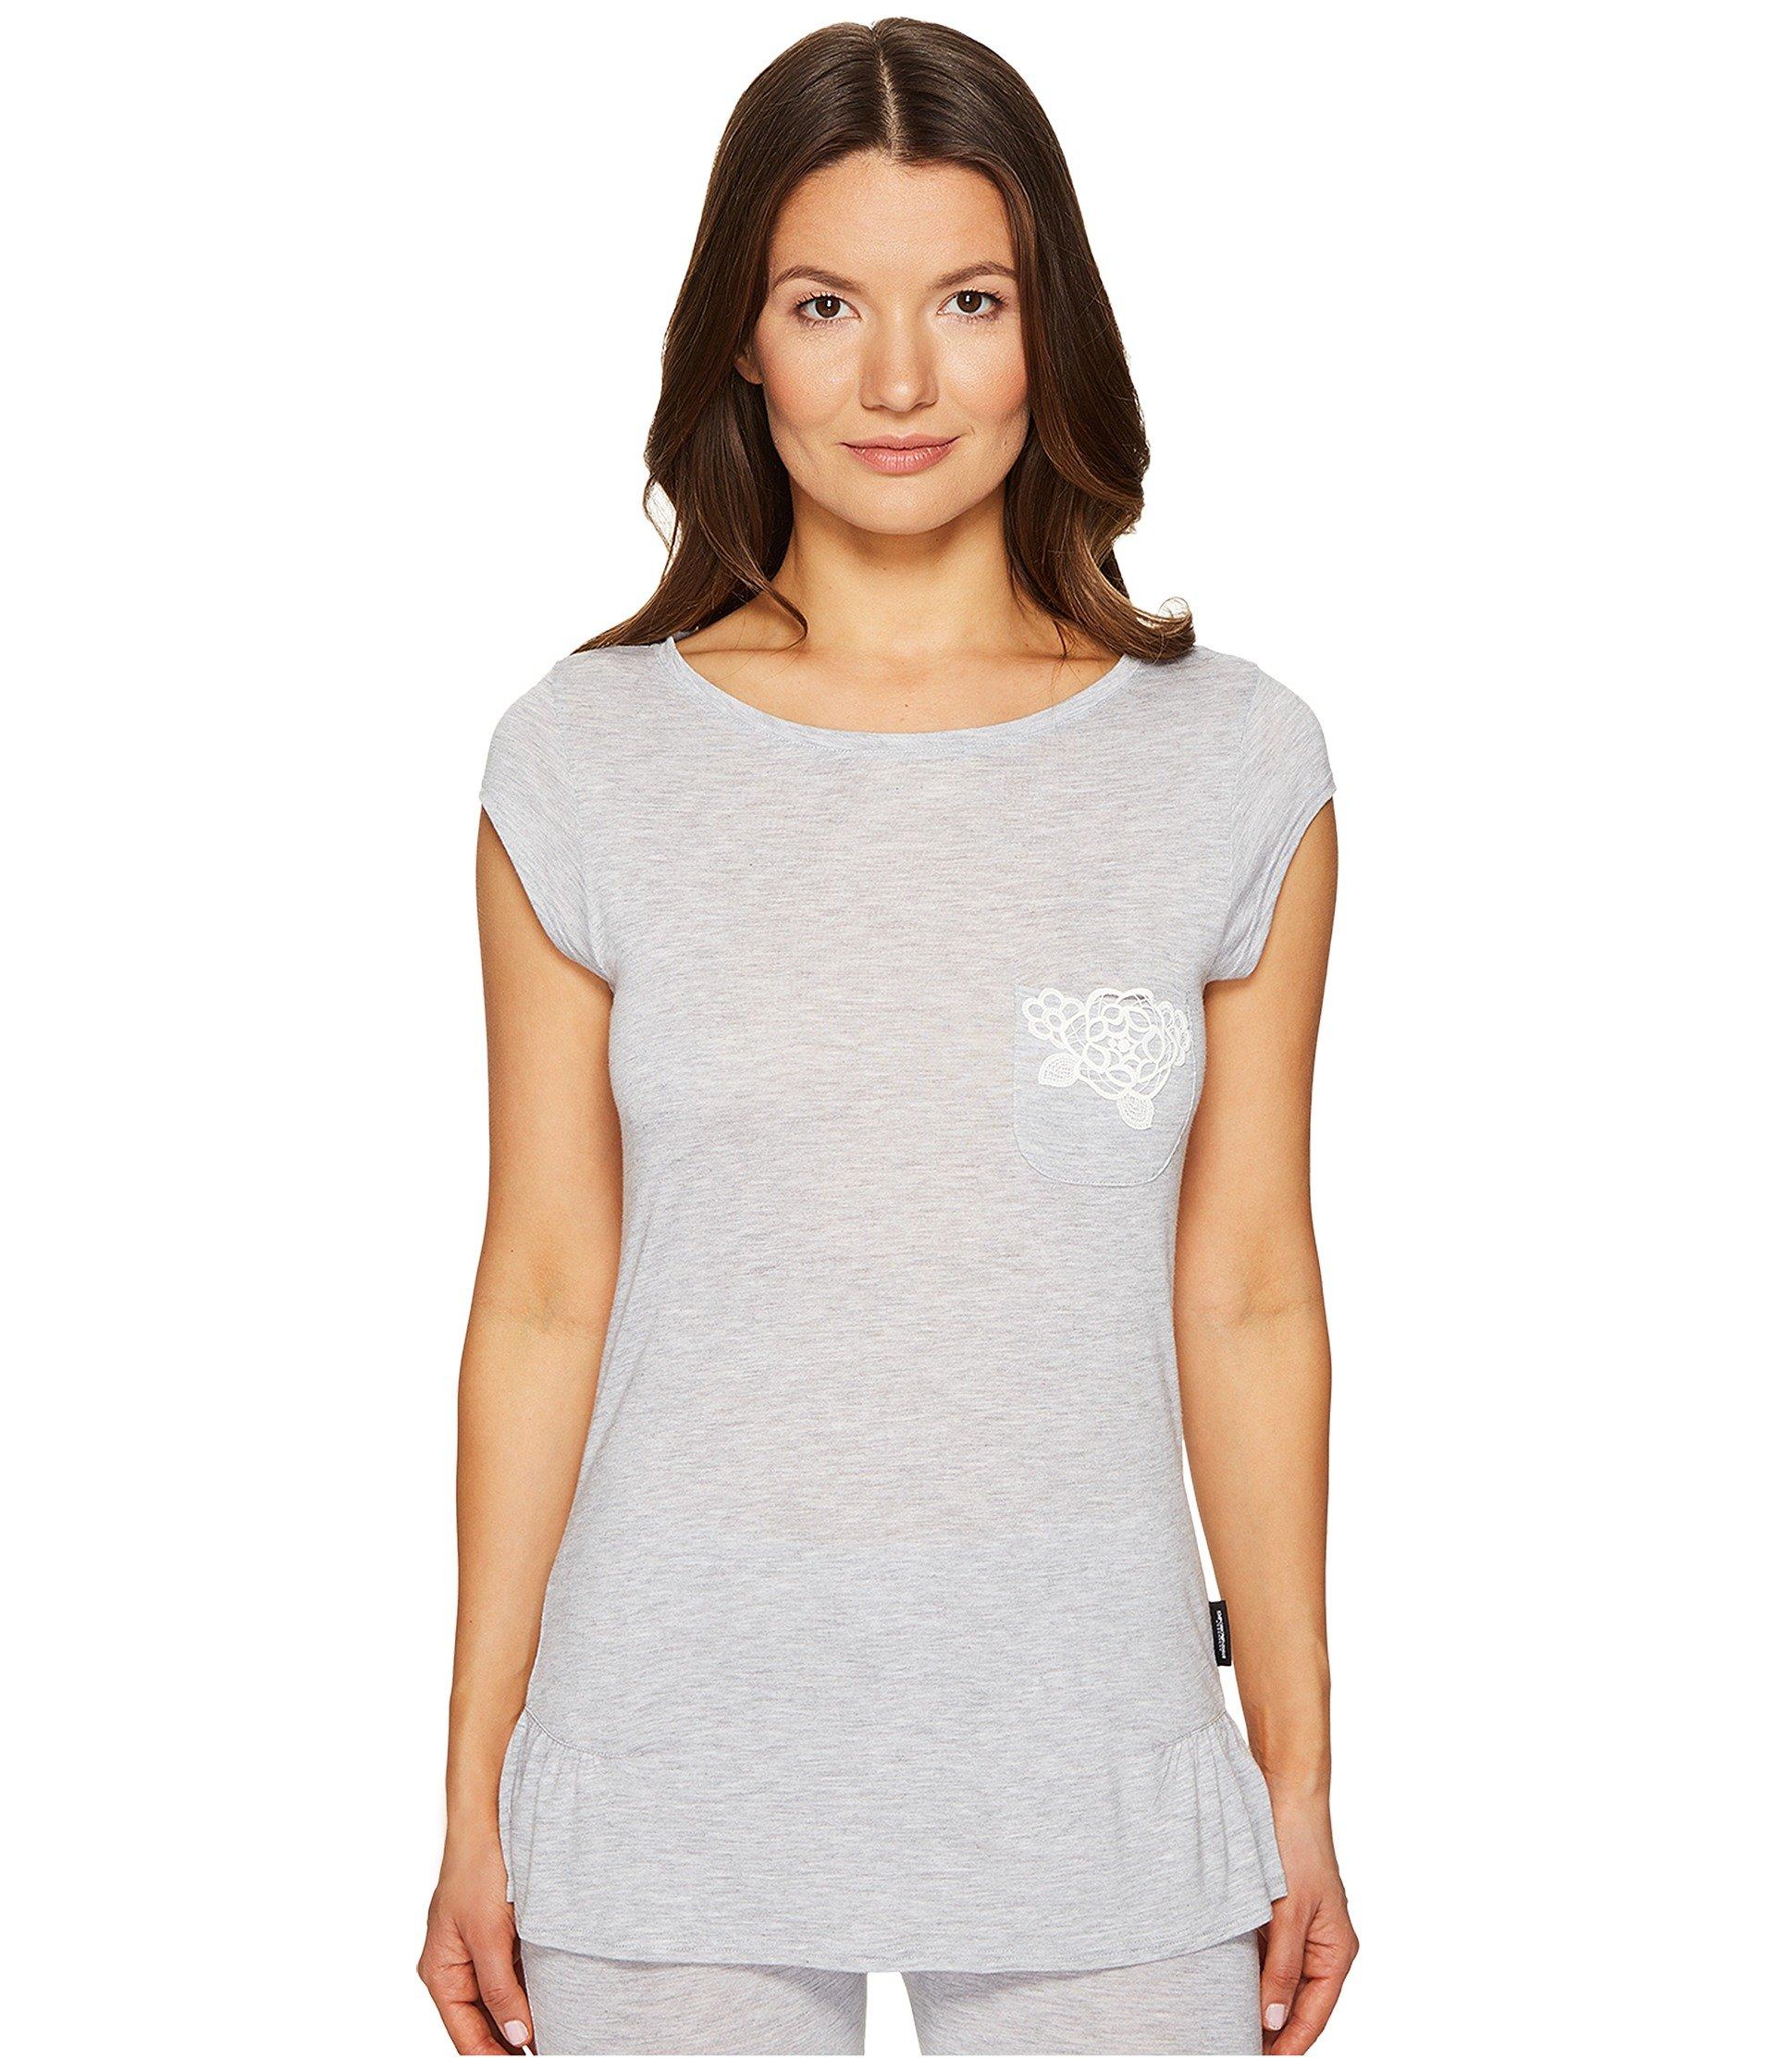 Camisa de Pijama para Mujer Emporio Armani Neo Romantic Macrame Viscose Lounge Cap Sleeve Top  + Emporio Armani en VeoyCompro.net